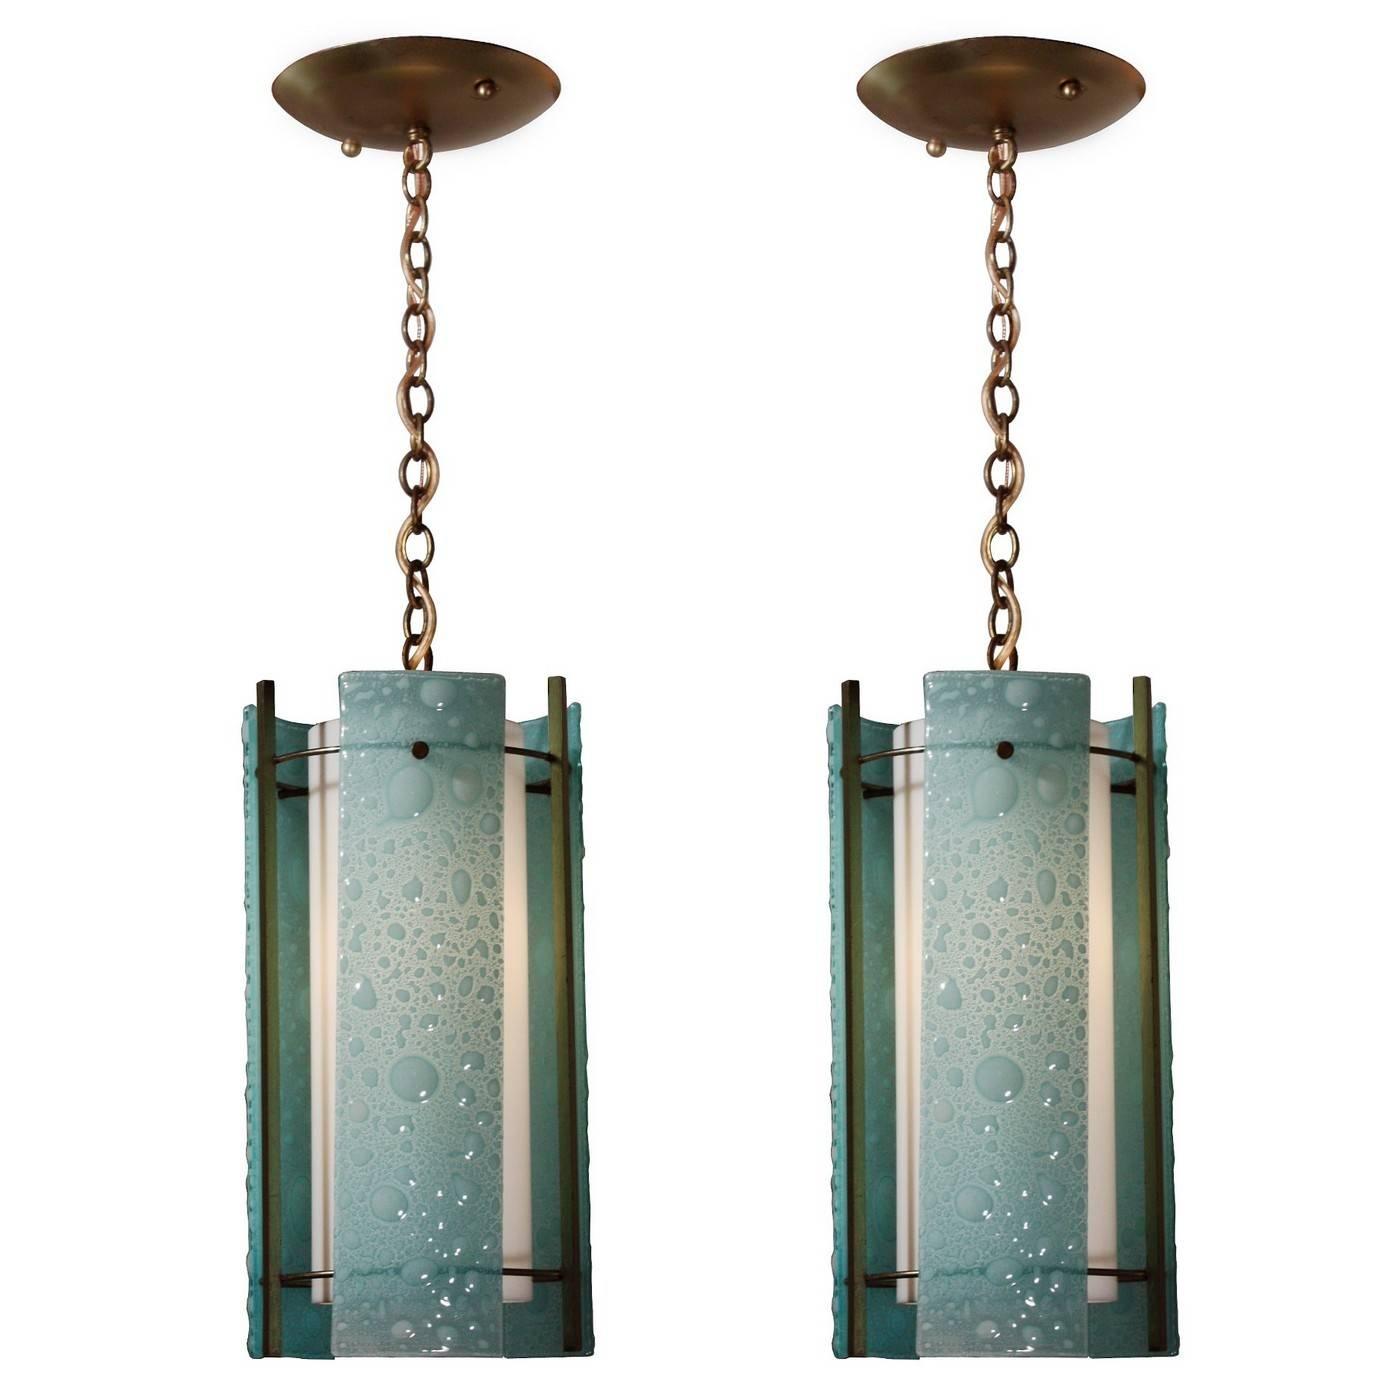 Lighting & Lamp: - Modern Pendant Lighting | Modern Pendant regarding Modern Pendant Lights Sydney (Image 10 of 15)